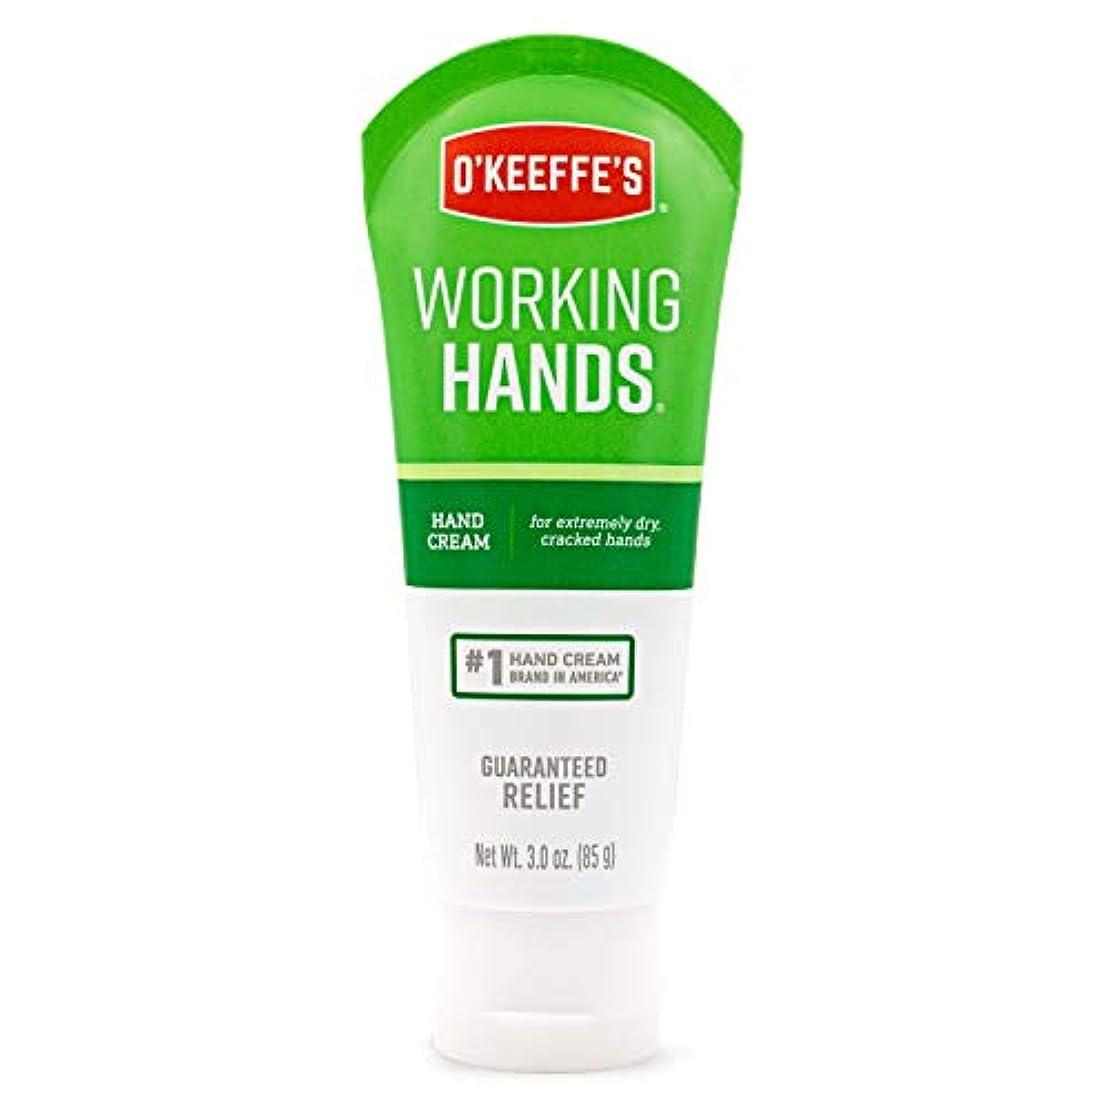 揮発性霜耳オキーフス ワーキングハンドクリーム チューブ  85g 1点 (並行輸入品) O'Keeffe's Working Hands Hand Cream 3oz